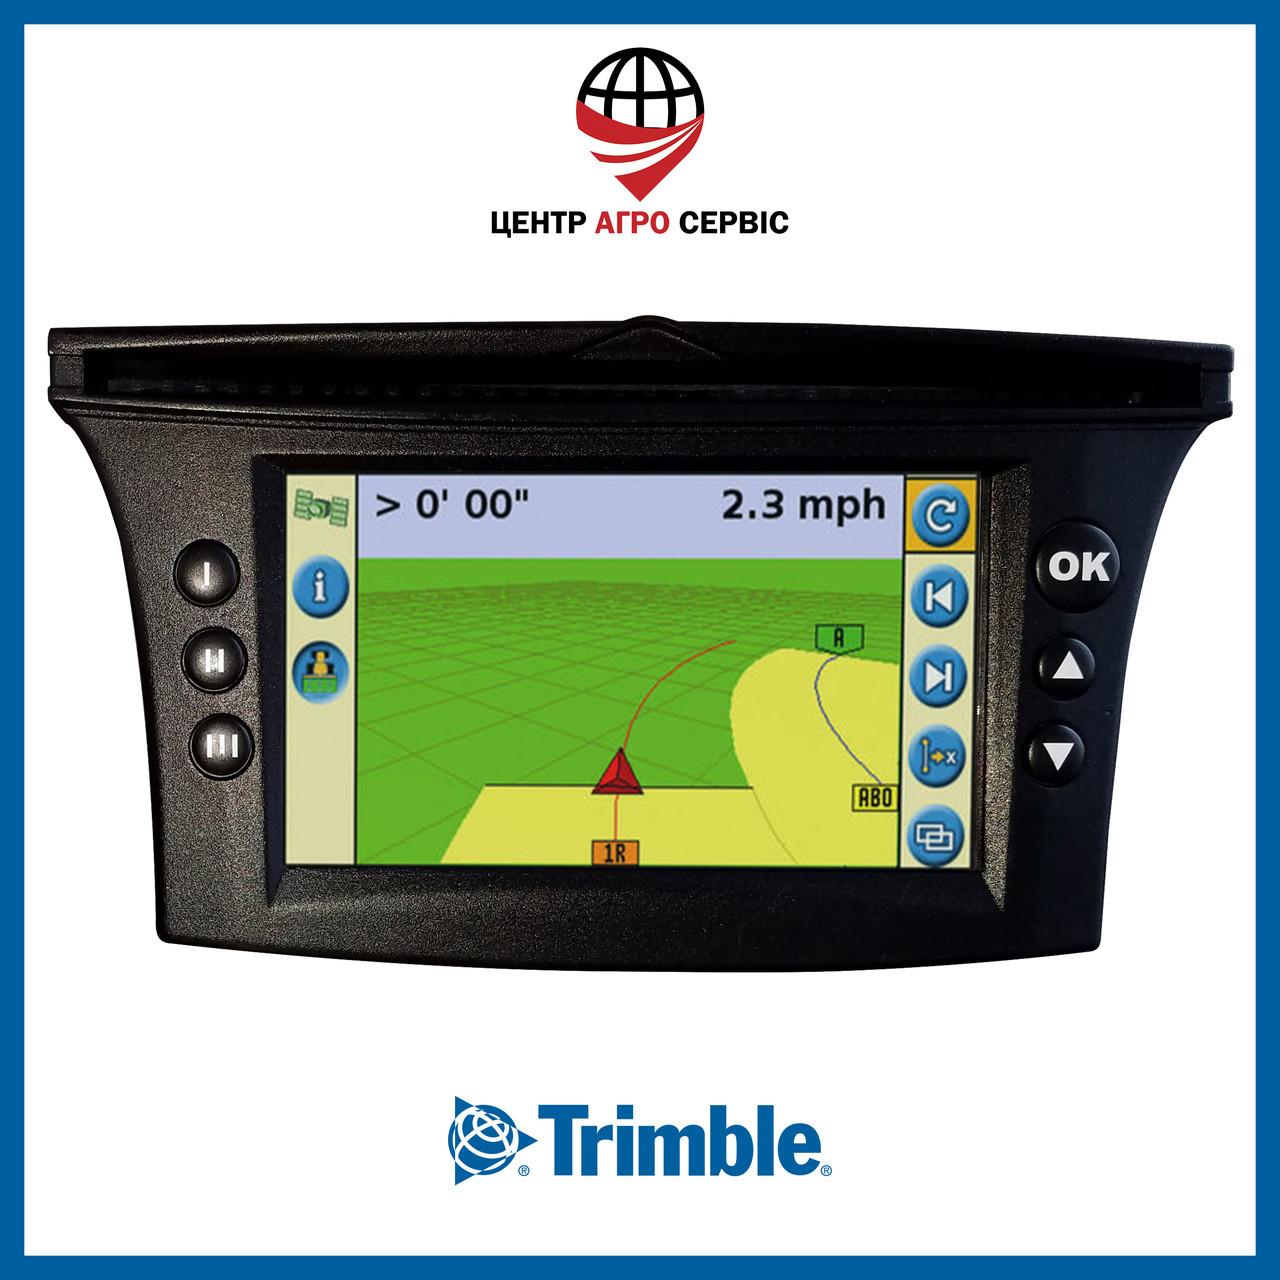 Курсовказівник (система паралельного водіння, агронавігатор) Trimble 500